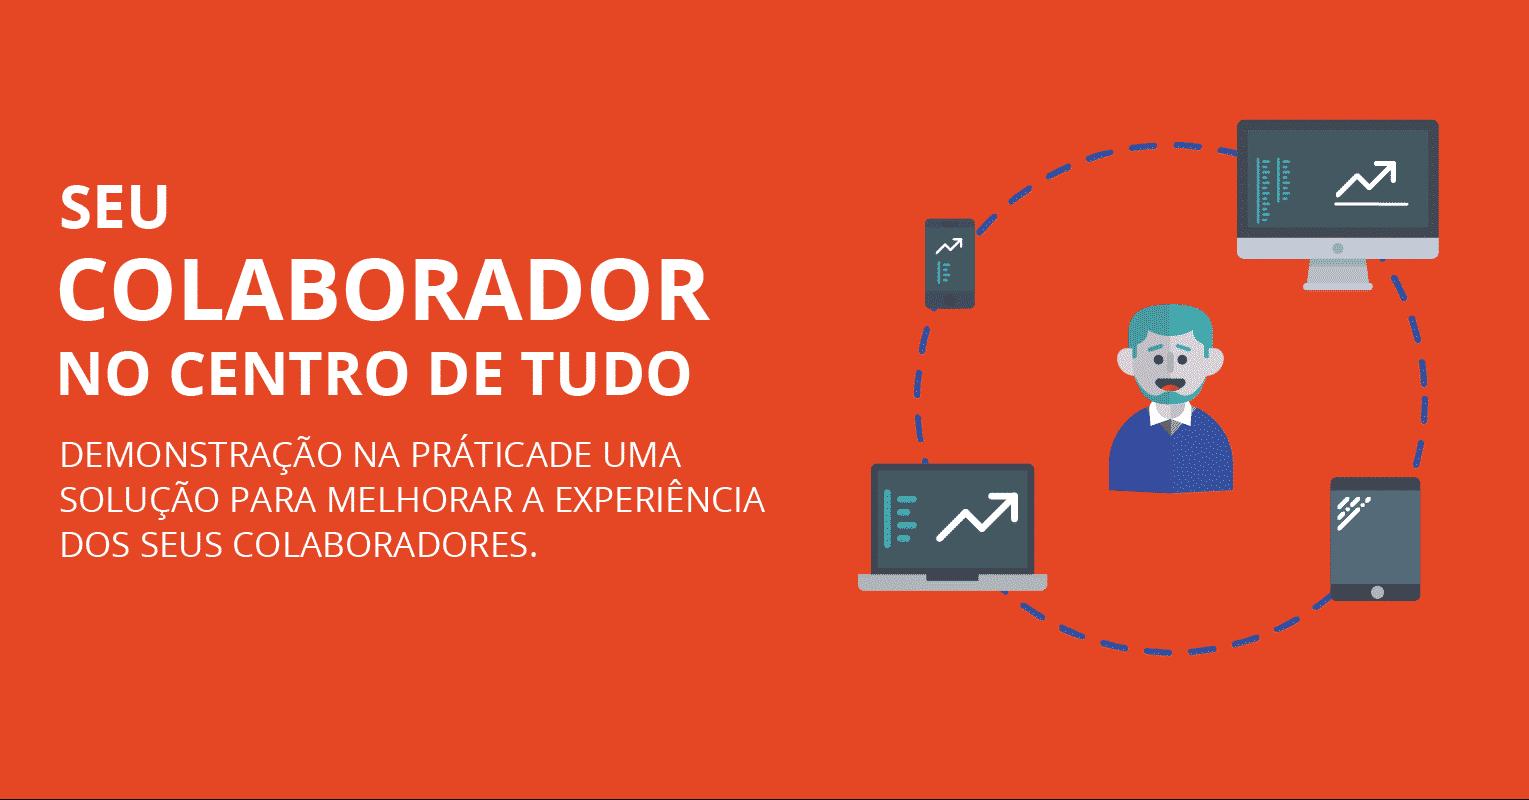 Webinar_seu_colaborador_no_centro_de_tudo